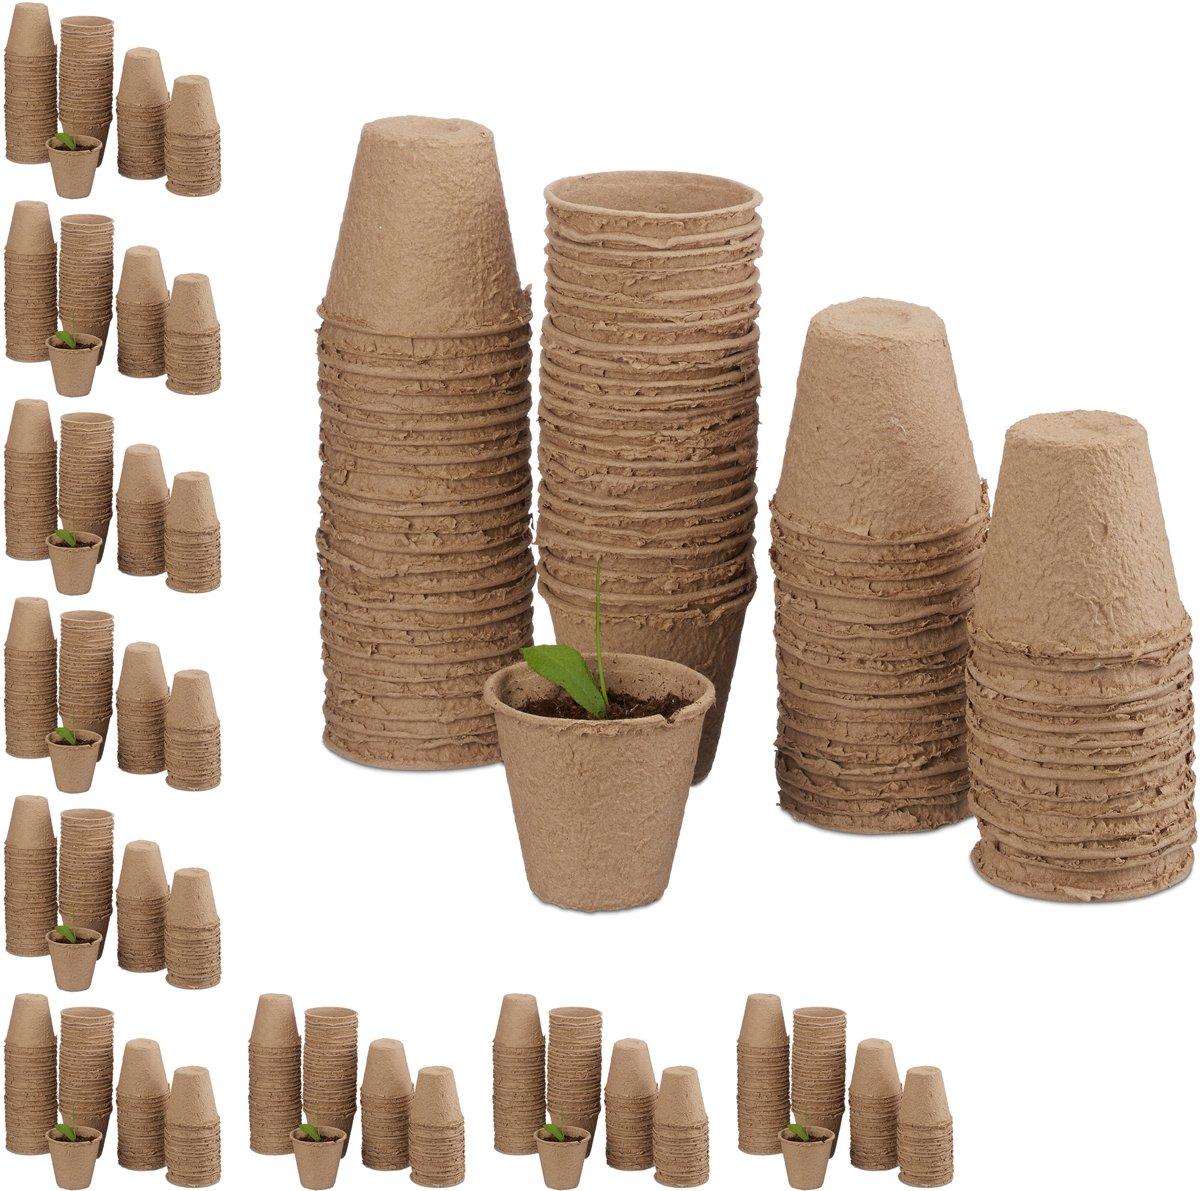 relaxdays 800 - kweekpotjes - biologisch afbreekbare stekpotjes - rond - beige